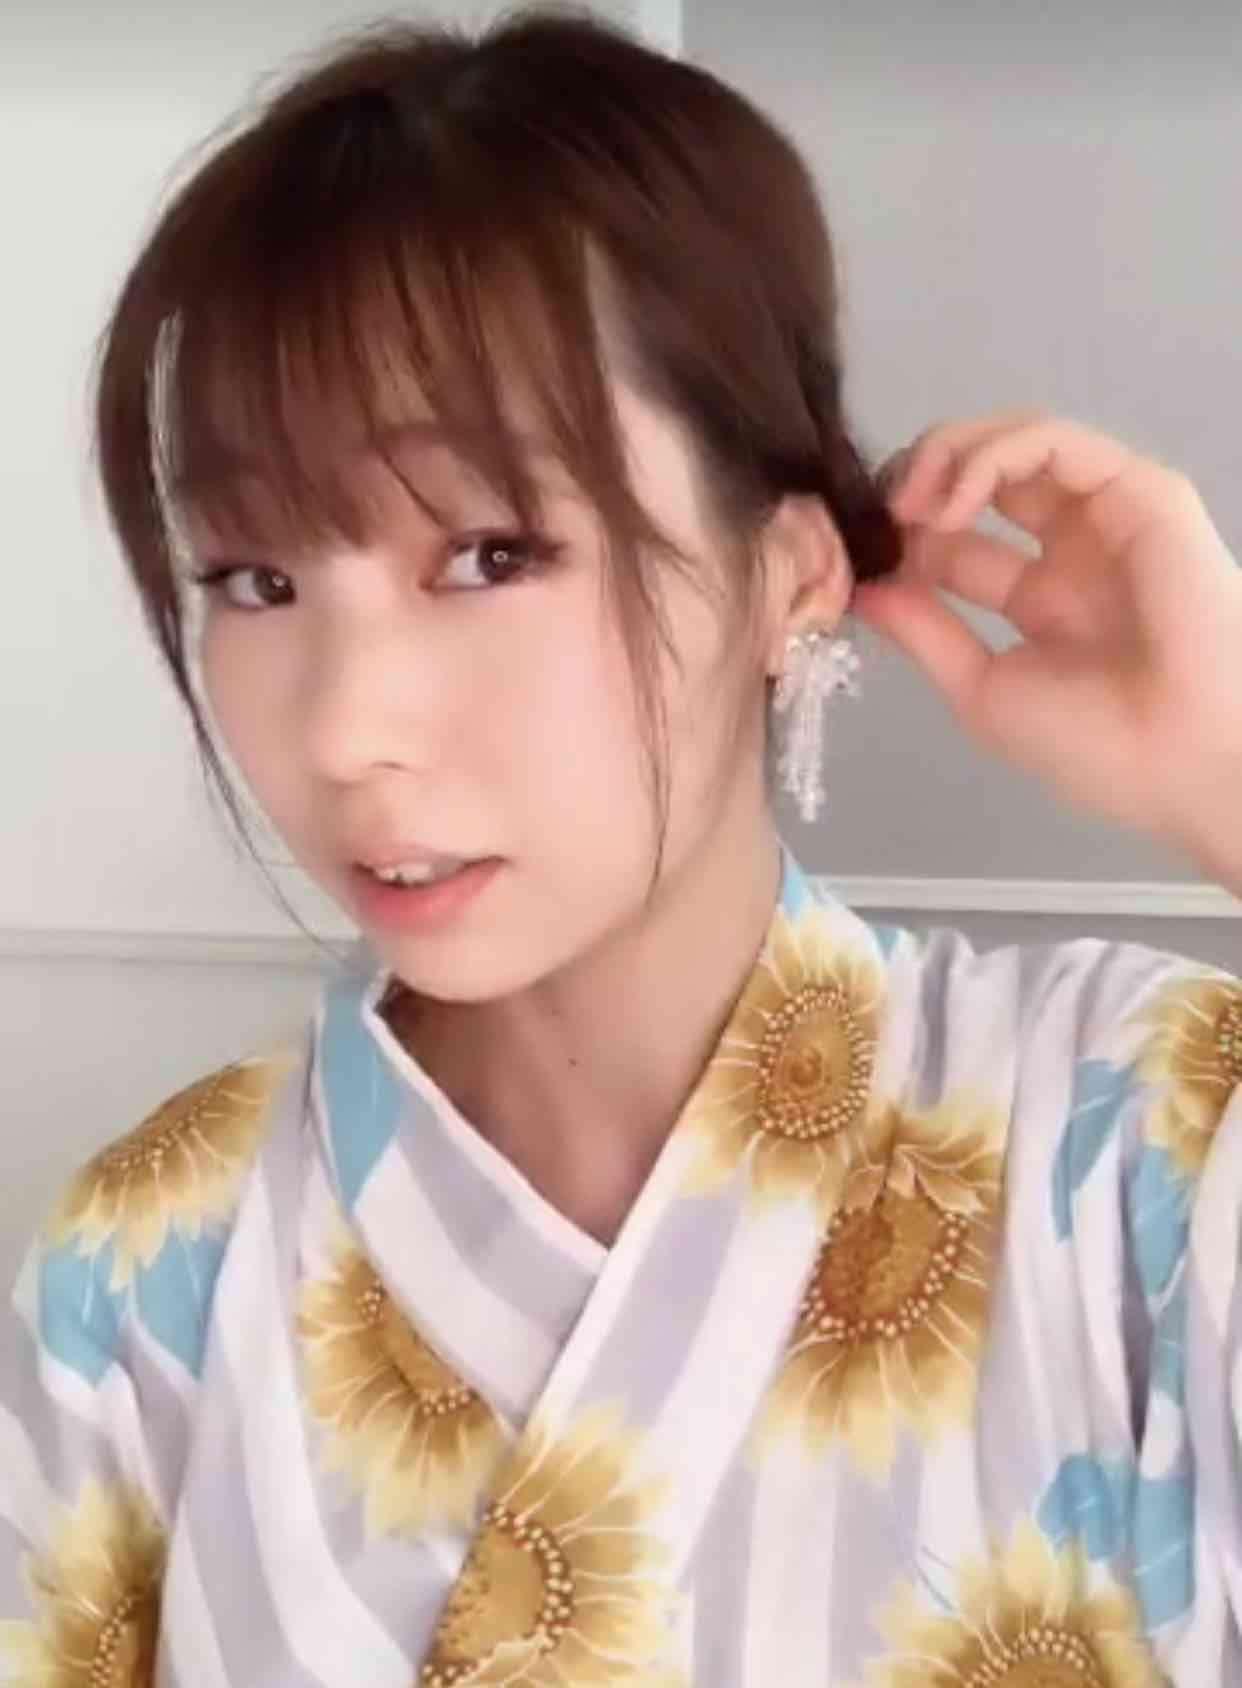 ゆぅ@なあ推しのプロフィール画像